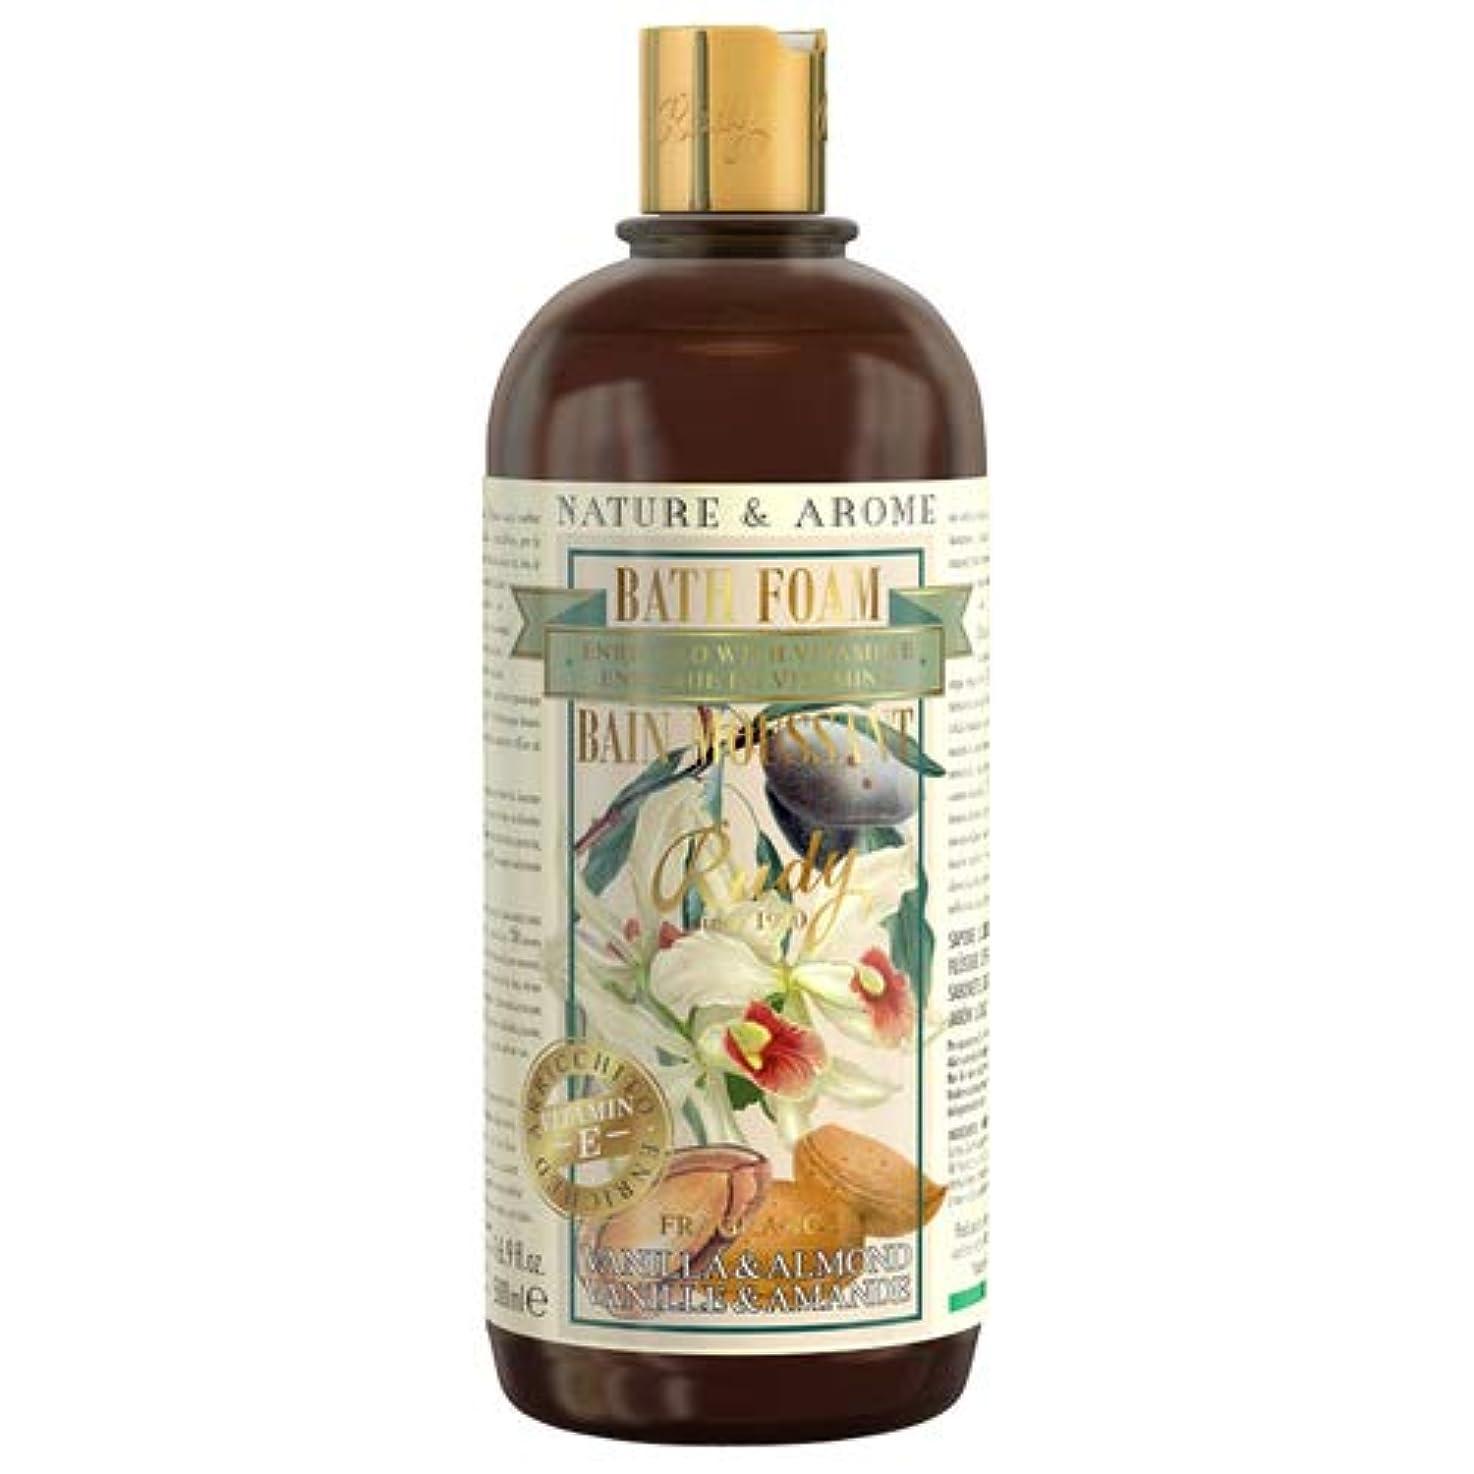 熟達した加入重大RUDY Nature&Arome Apothecary ネイチャーアロマ アポセカリー Bath & Shower Gel バス&シャワージェル Vanilla & Almond バニラ&アーモンド